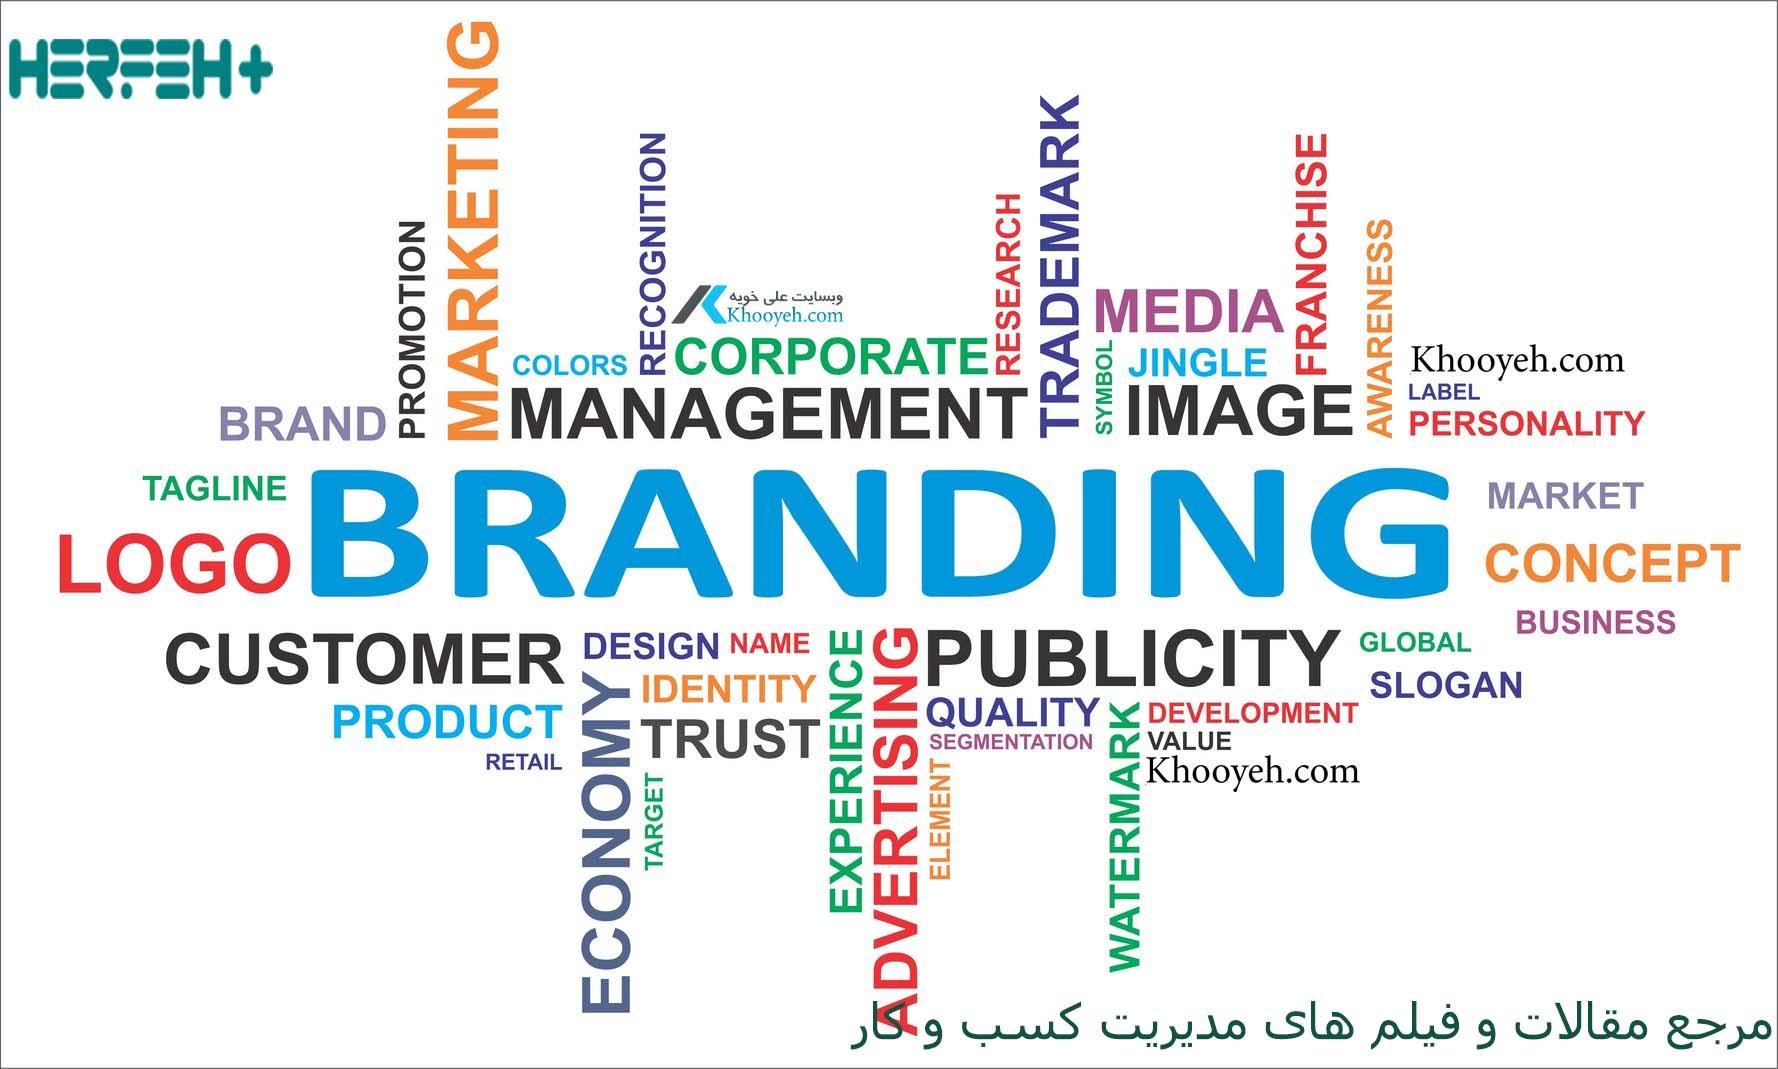 موضوع خاستگاه Global Marketing